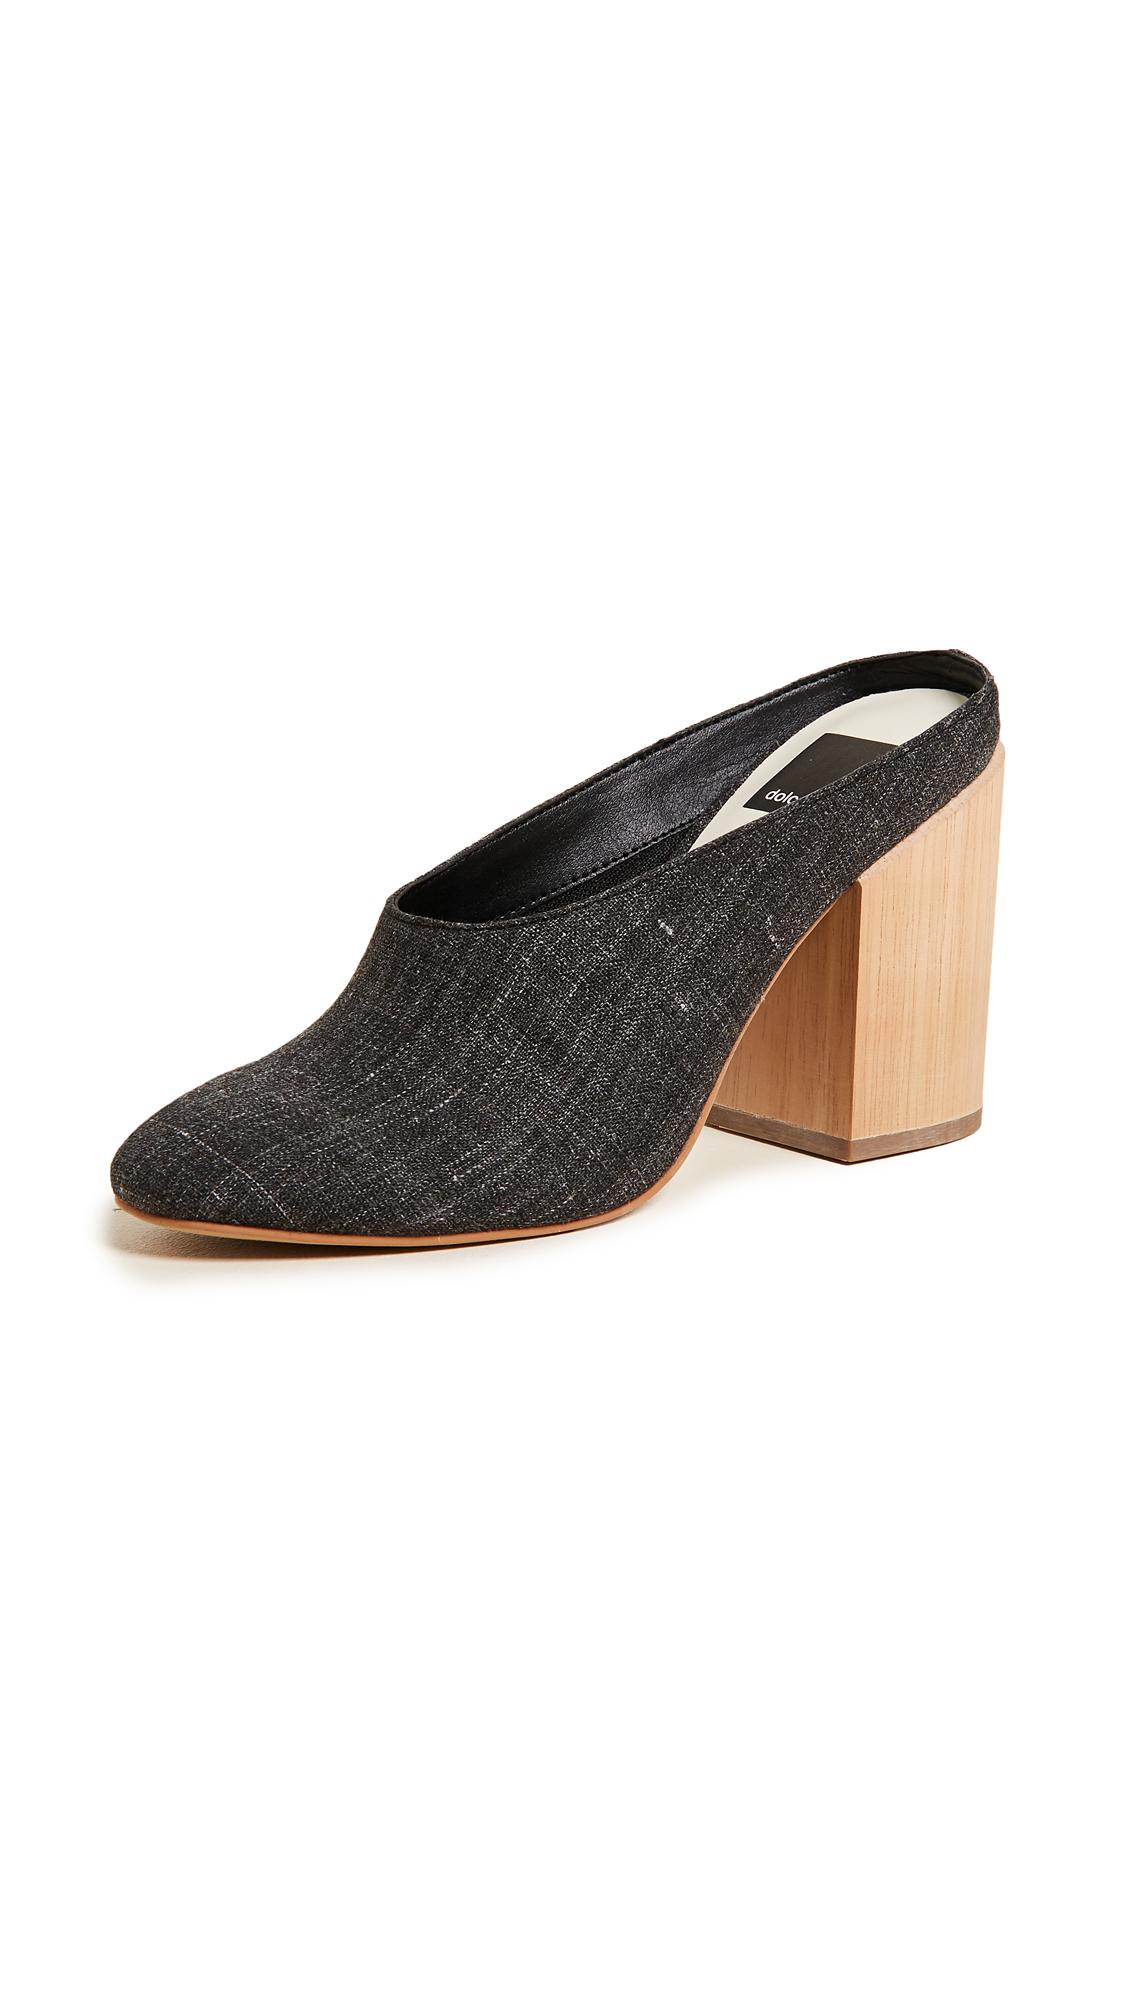 Dolce Vita Caley Block Heel Mules - Ash